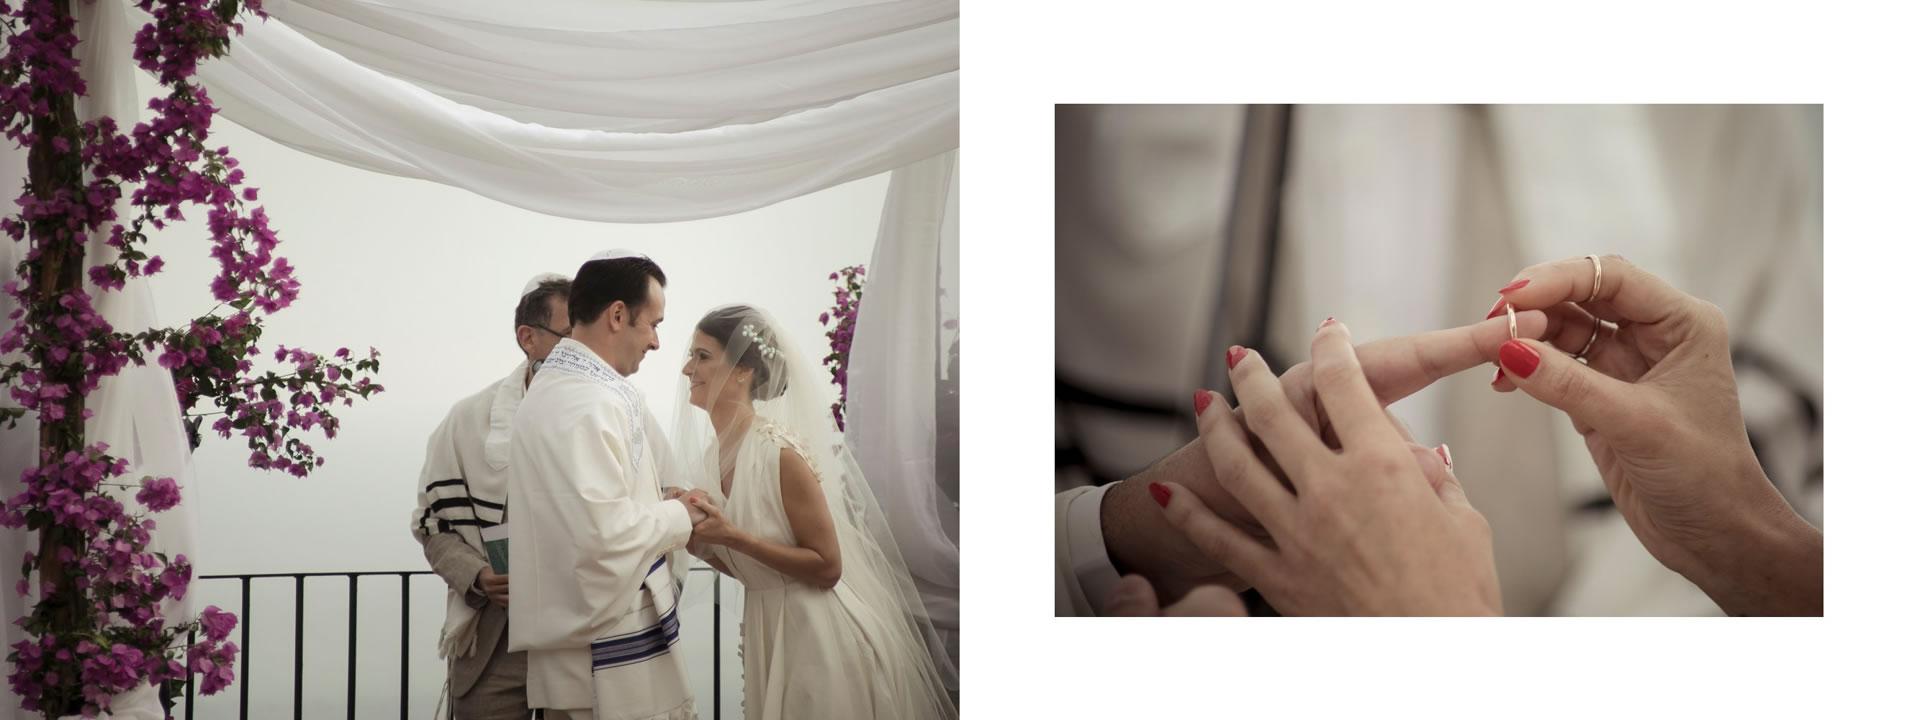 - 38 :: Jewish luxury wedding weekend in Capri :: Luxury wedding photography - 37 ::  - 38